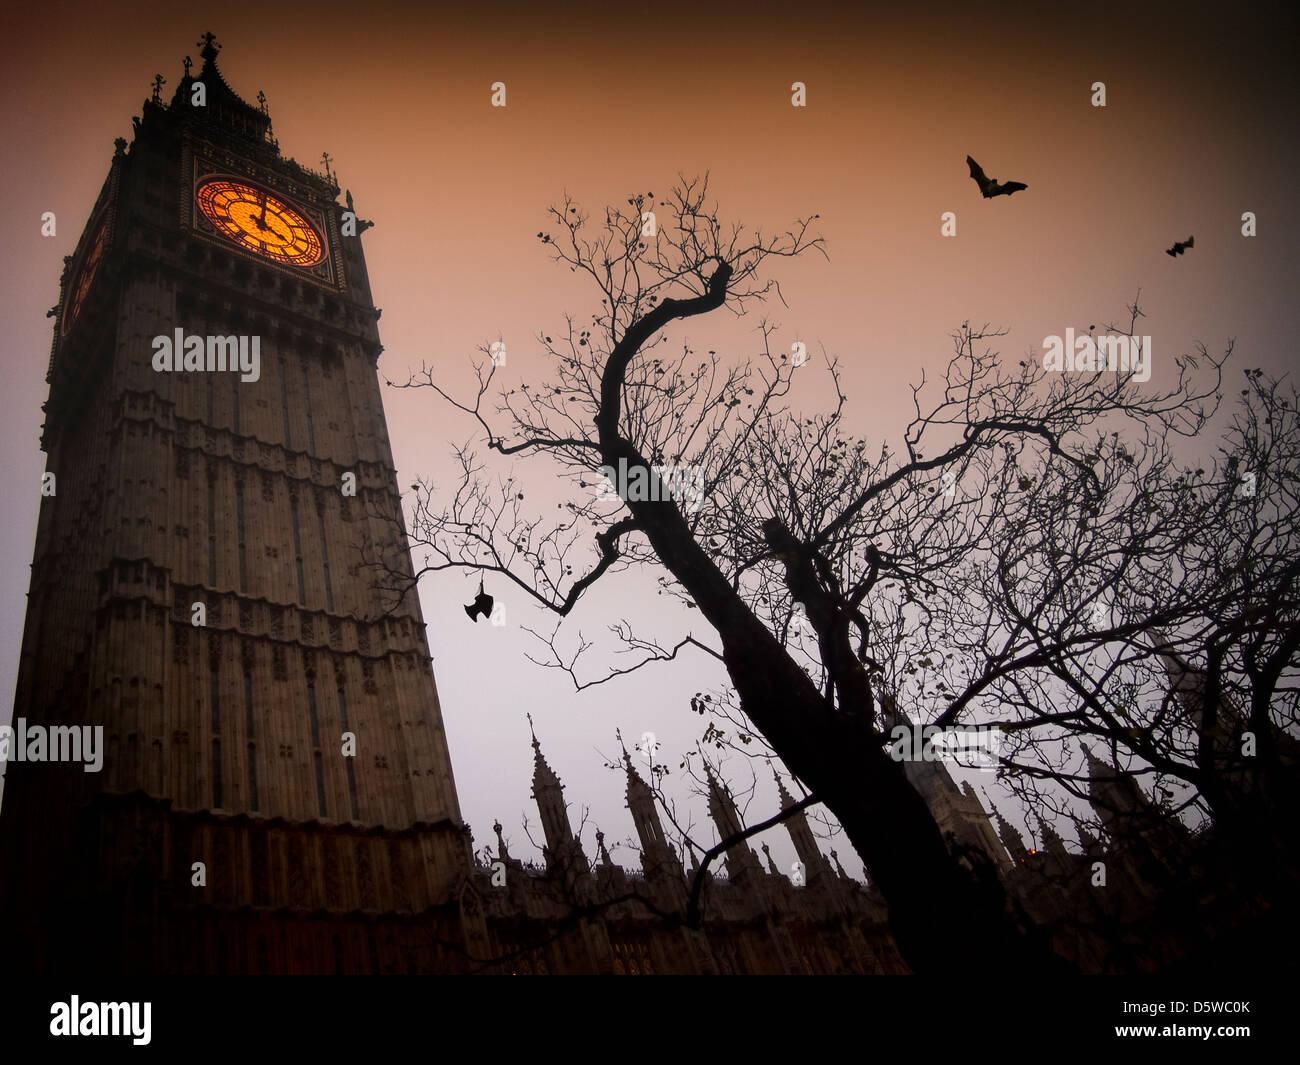 El Spooky torre del reloj de Westminster con un árbol desnudo y volar los murciélagos Imagen De Stock